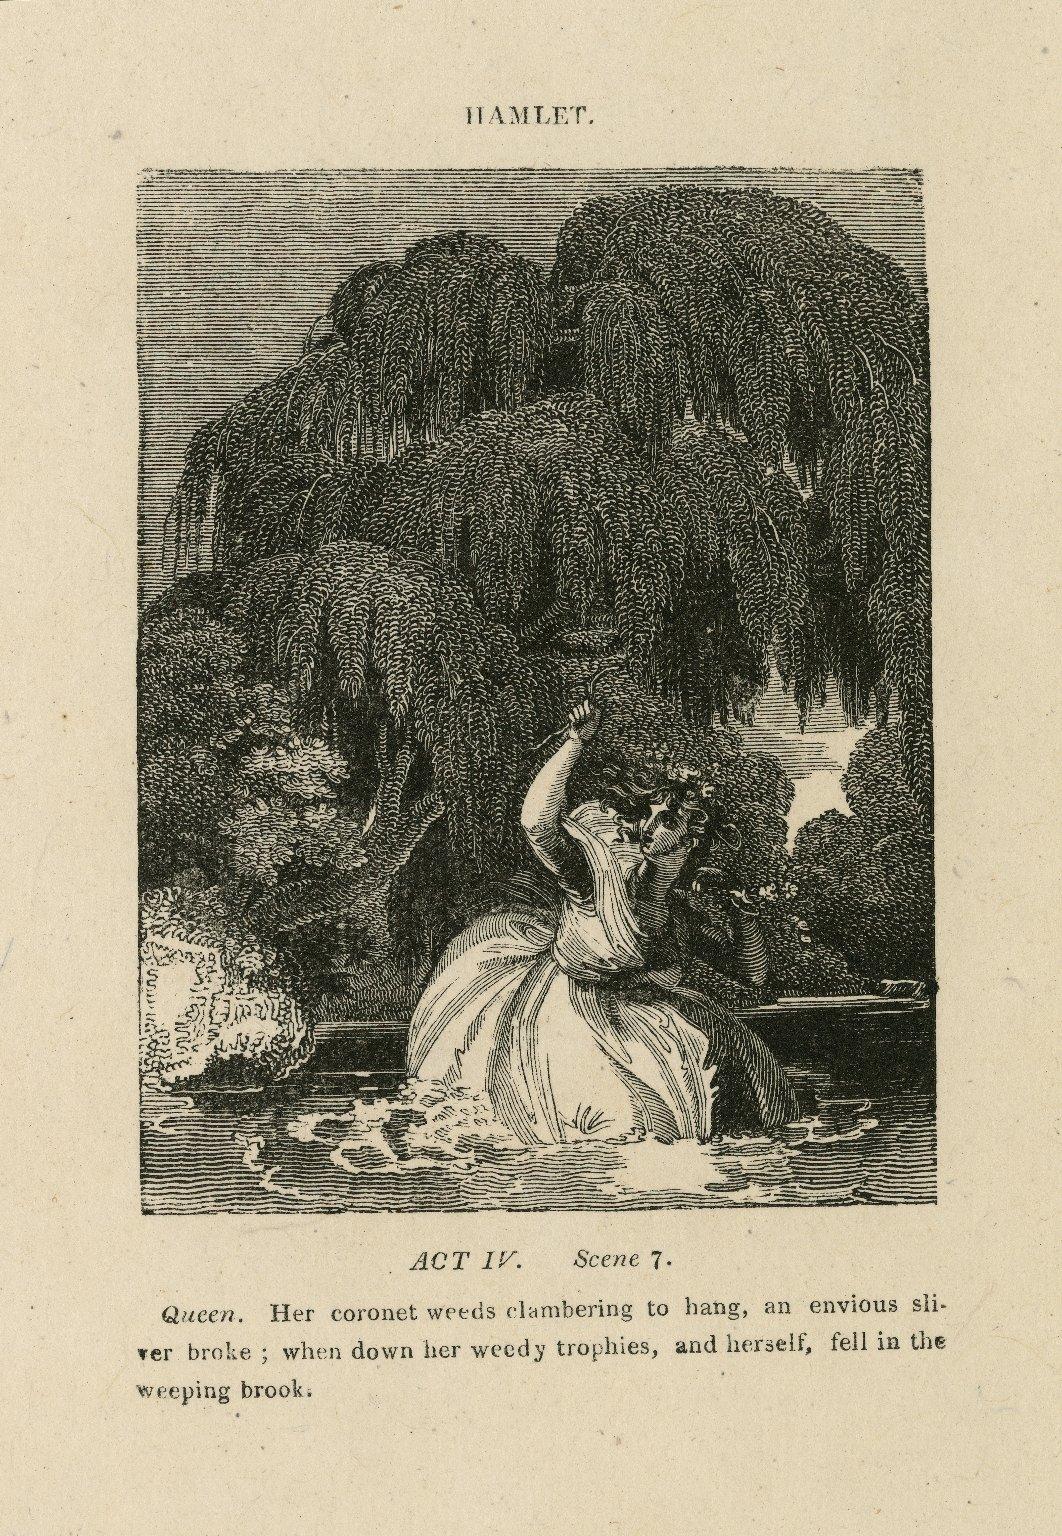 Hamlet, [Ophelia's death] ... act IV, scene 7 [graphic].